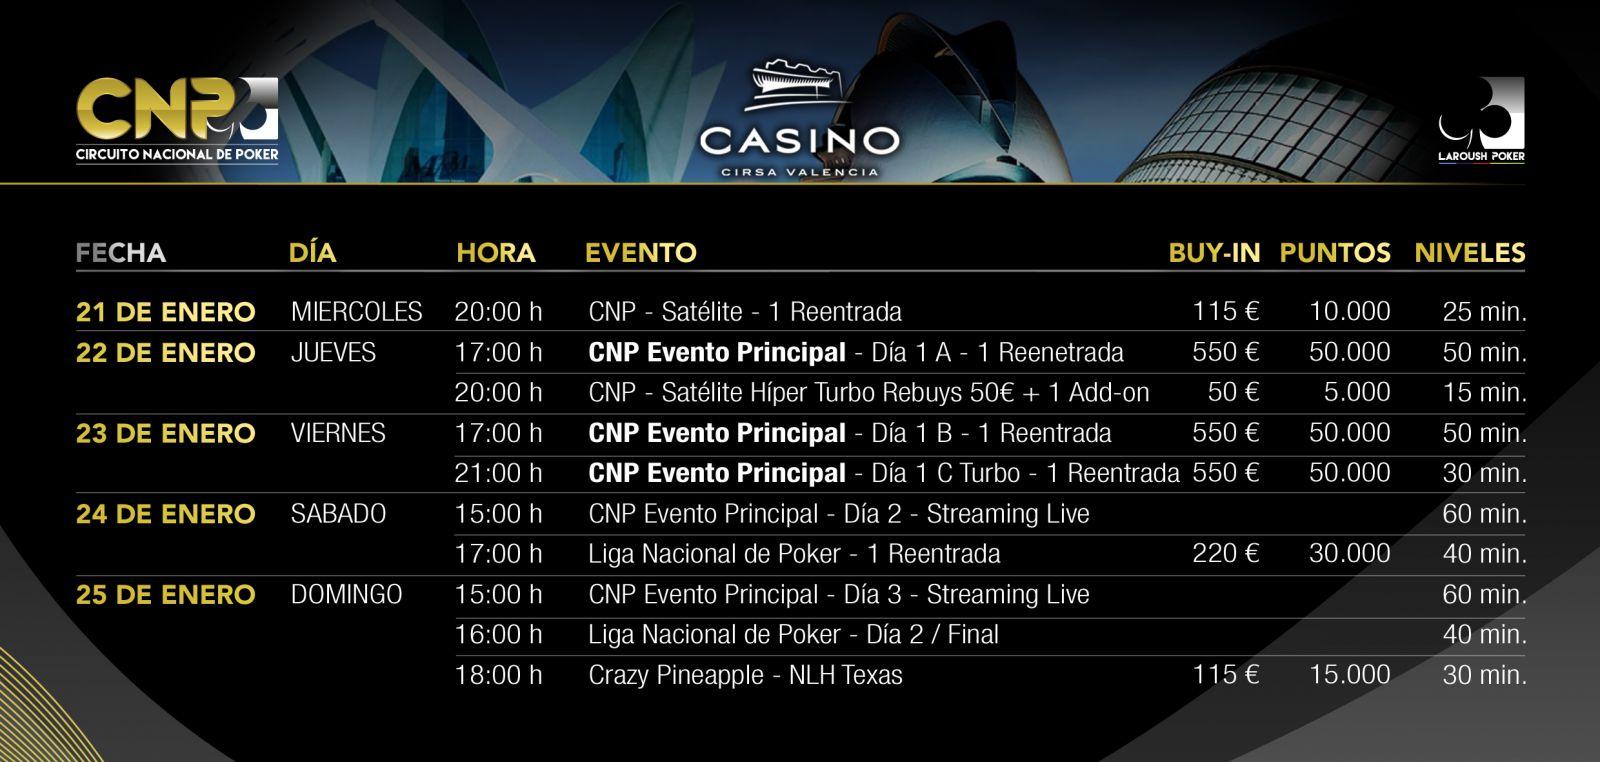 Programa de eventos del CNP 4.0 en Valencia.